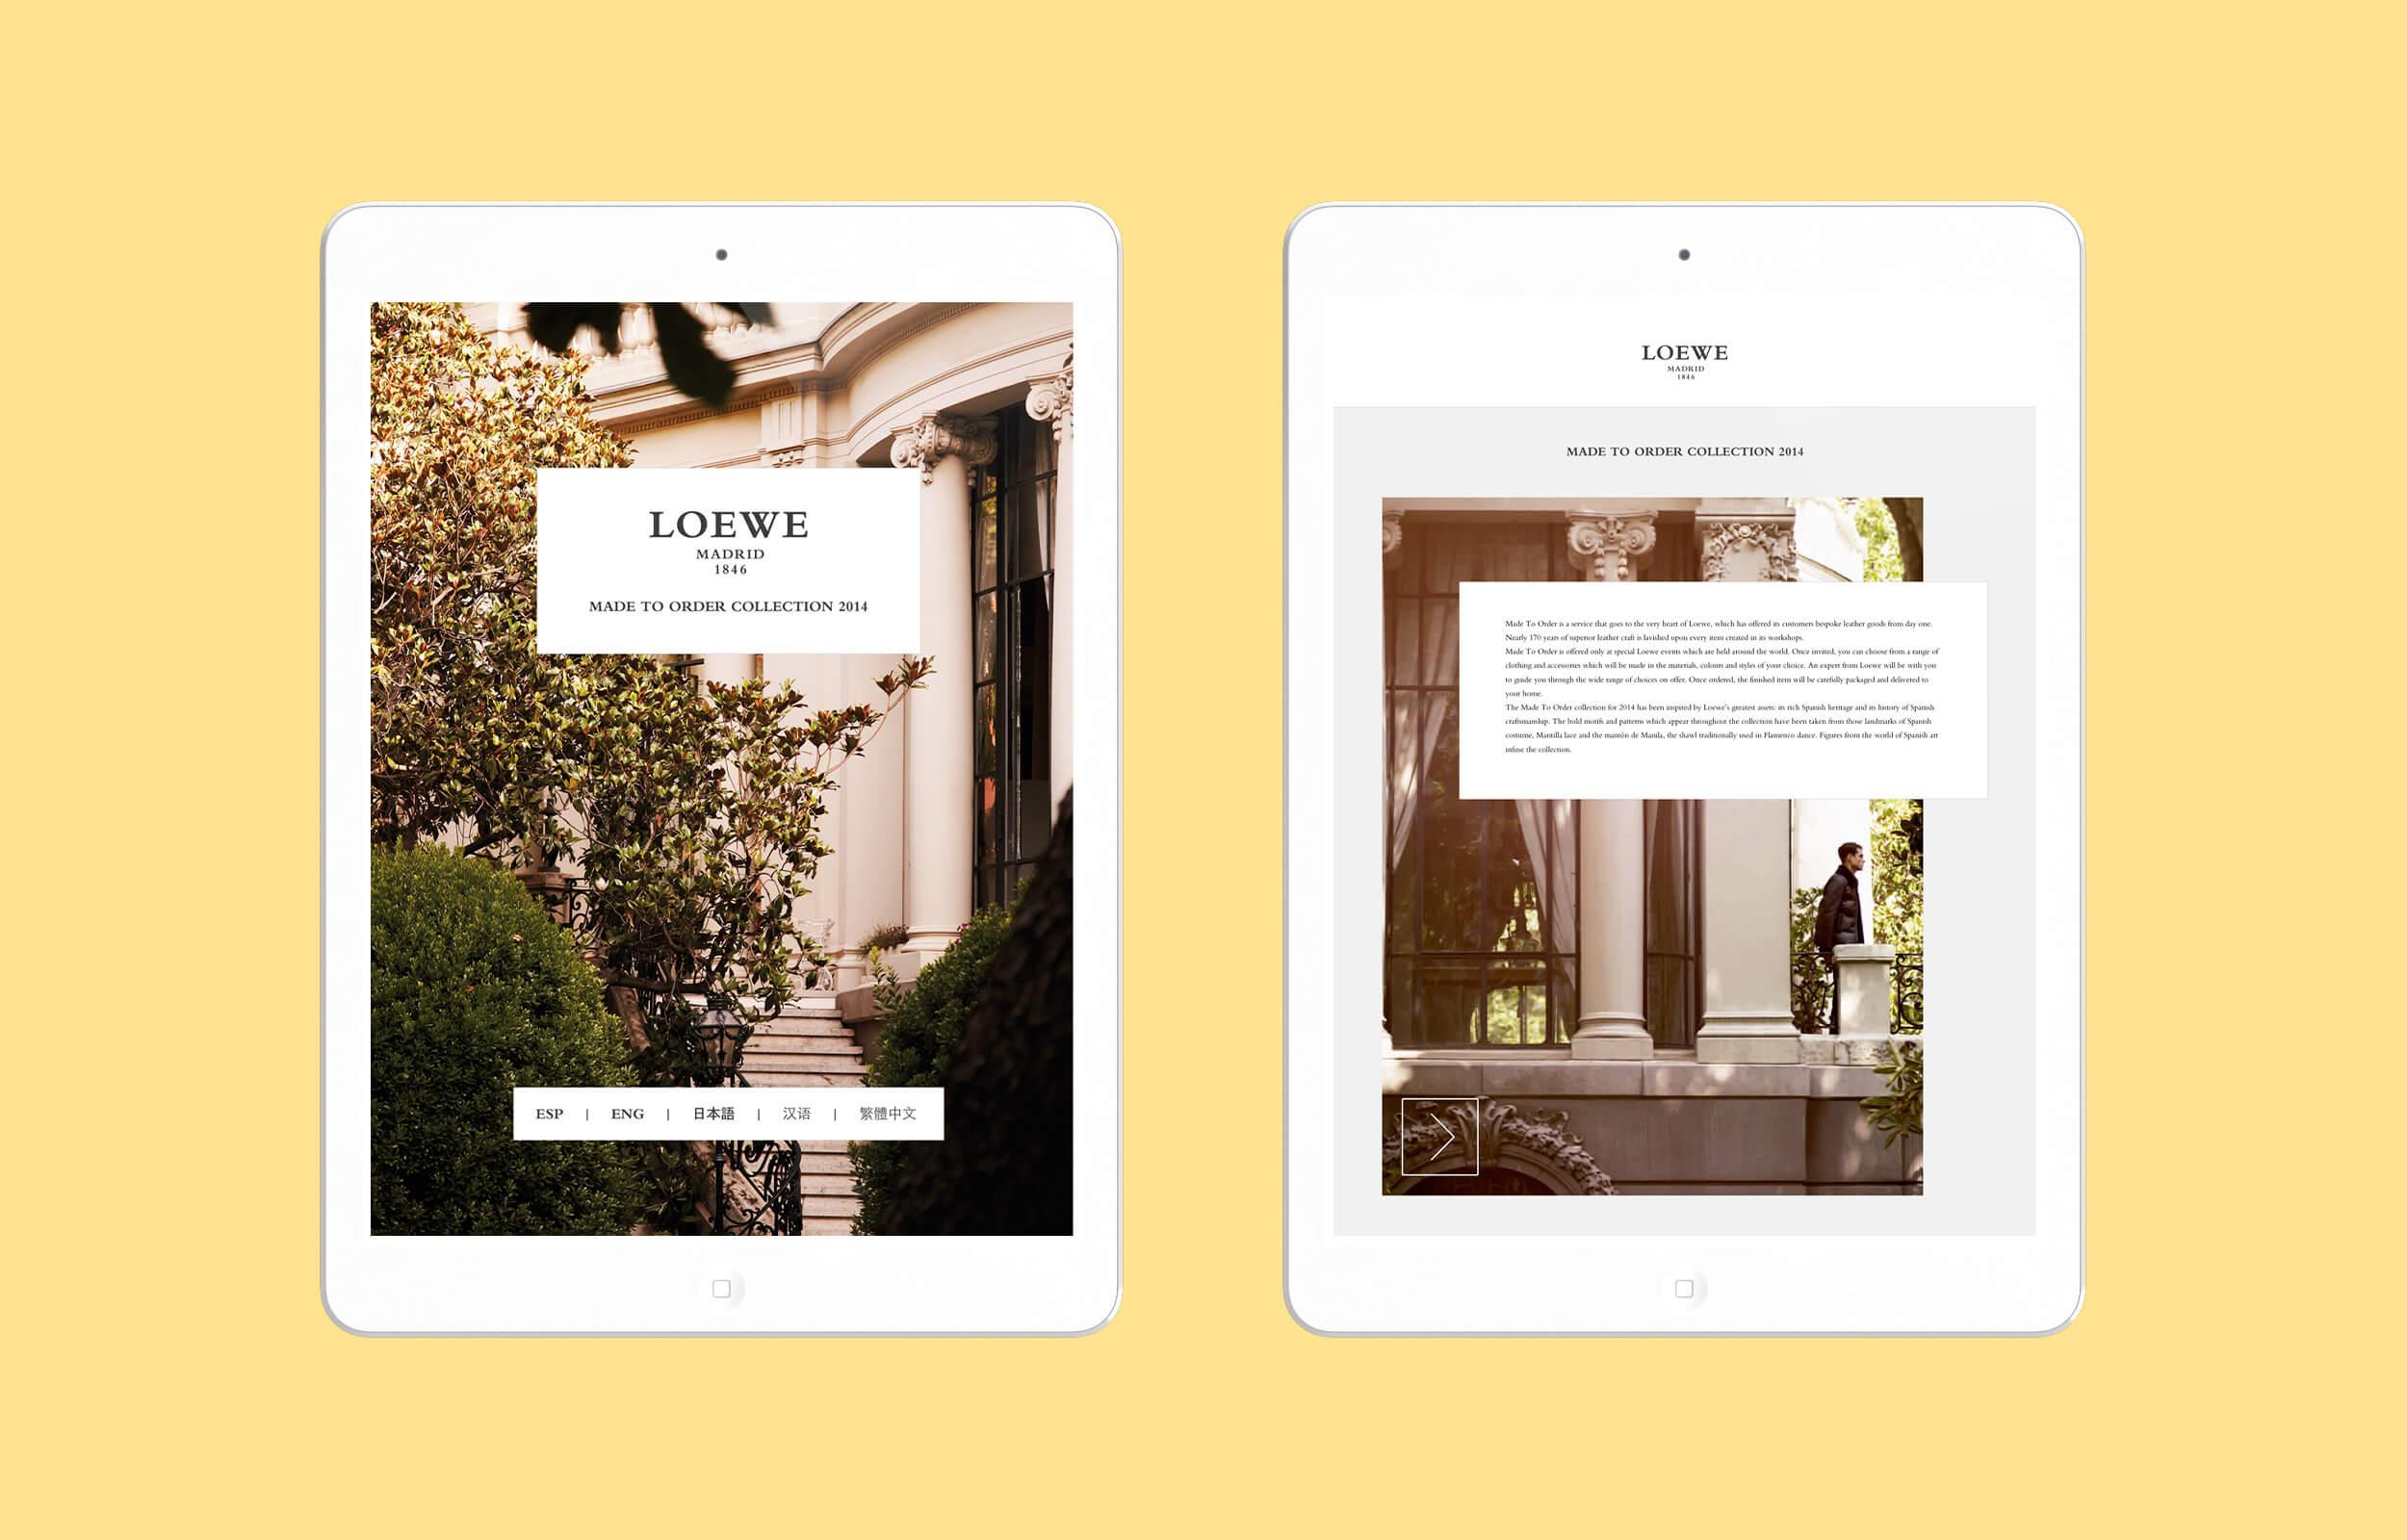 Diseño de la App de customización de prendas de ropa que estarán en las tiendas de Loewe